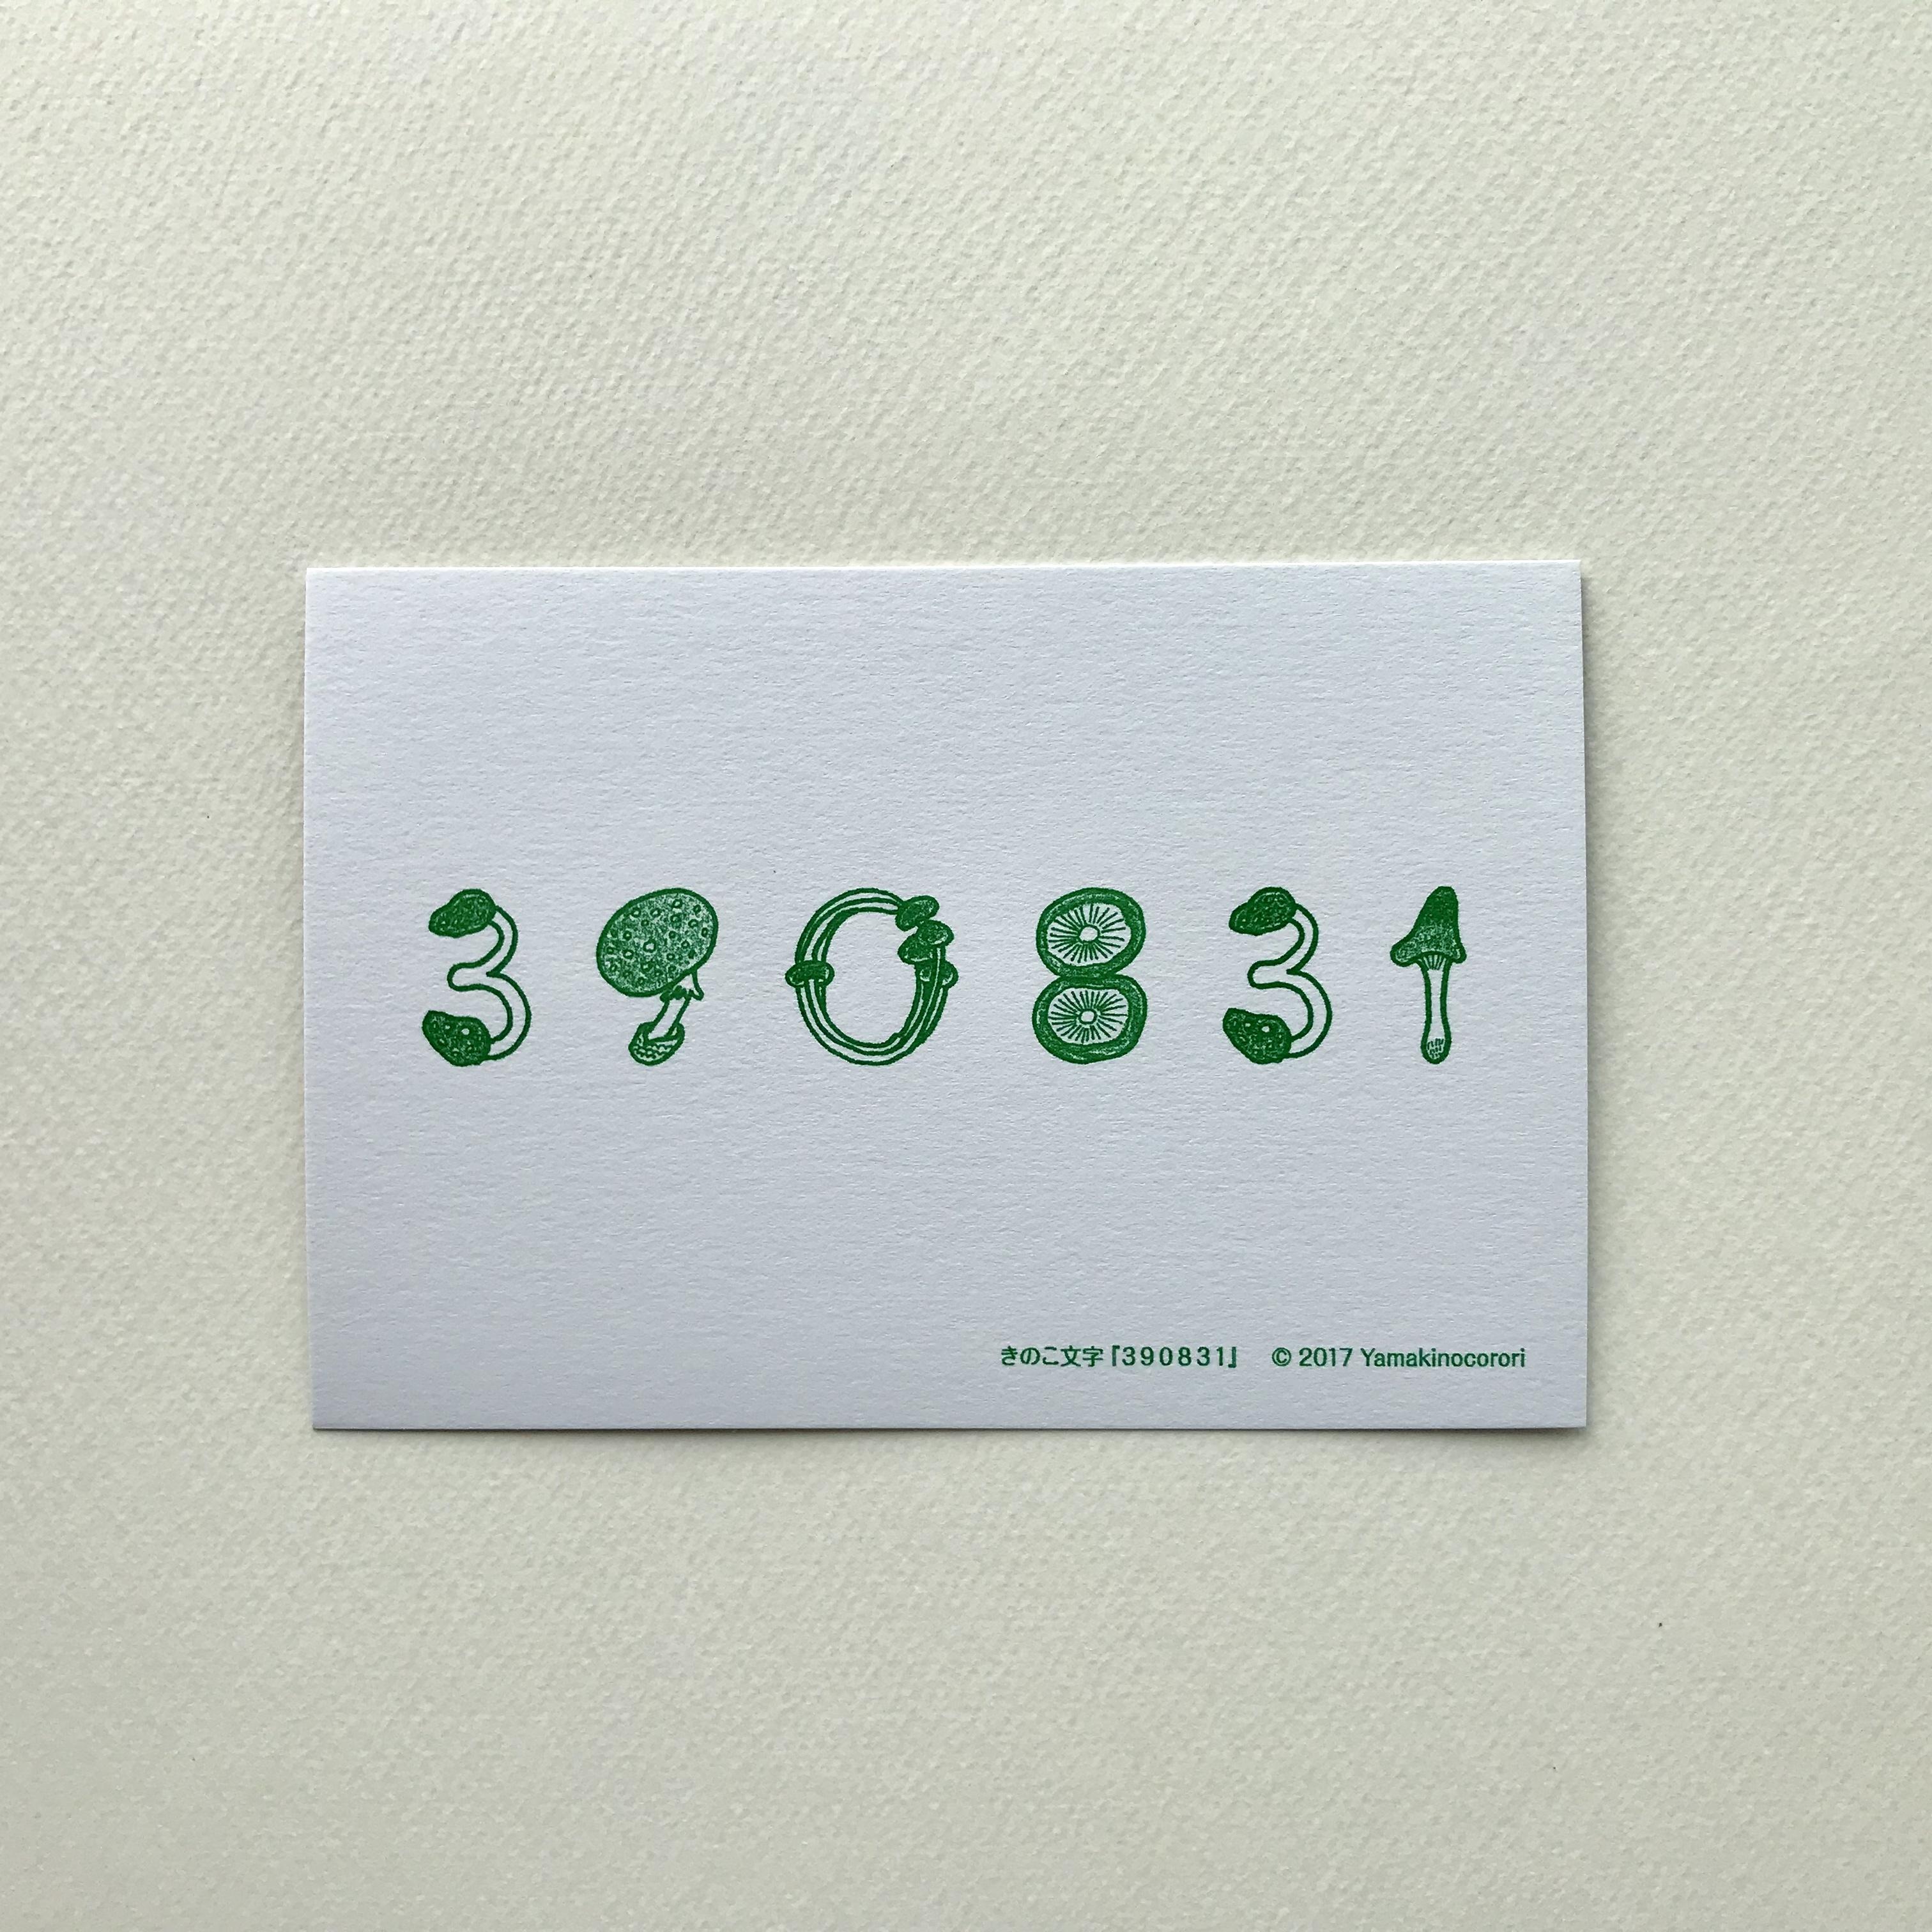 【ポストカード】キノコ文字(390831)